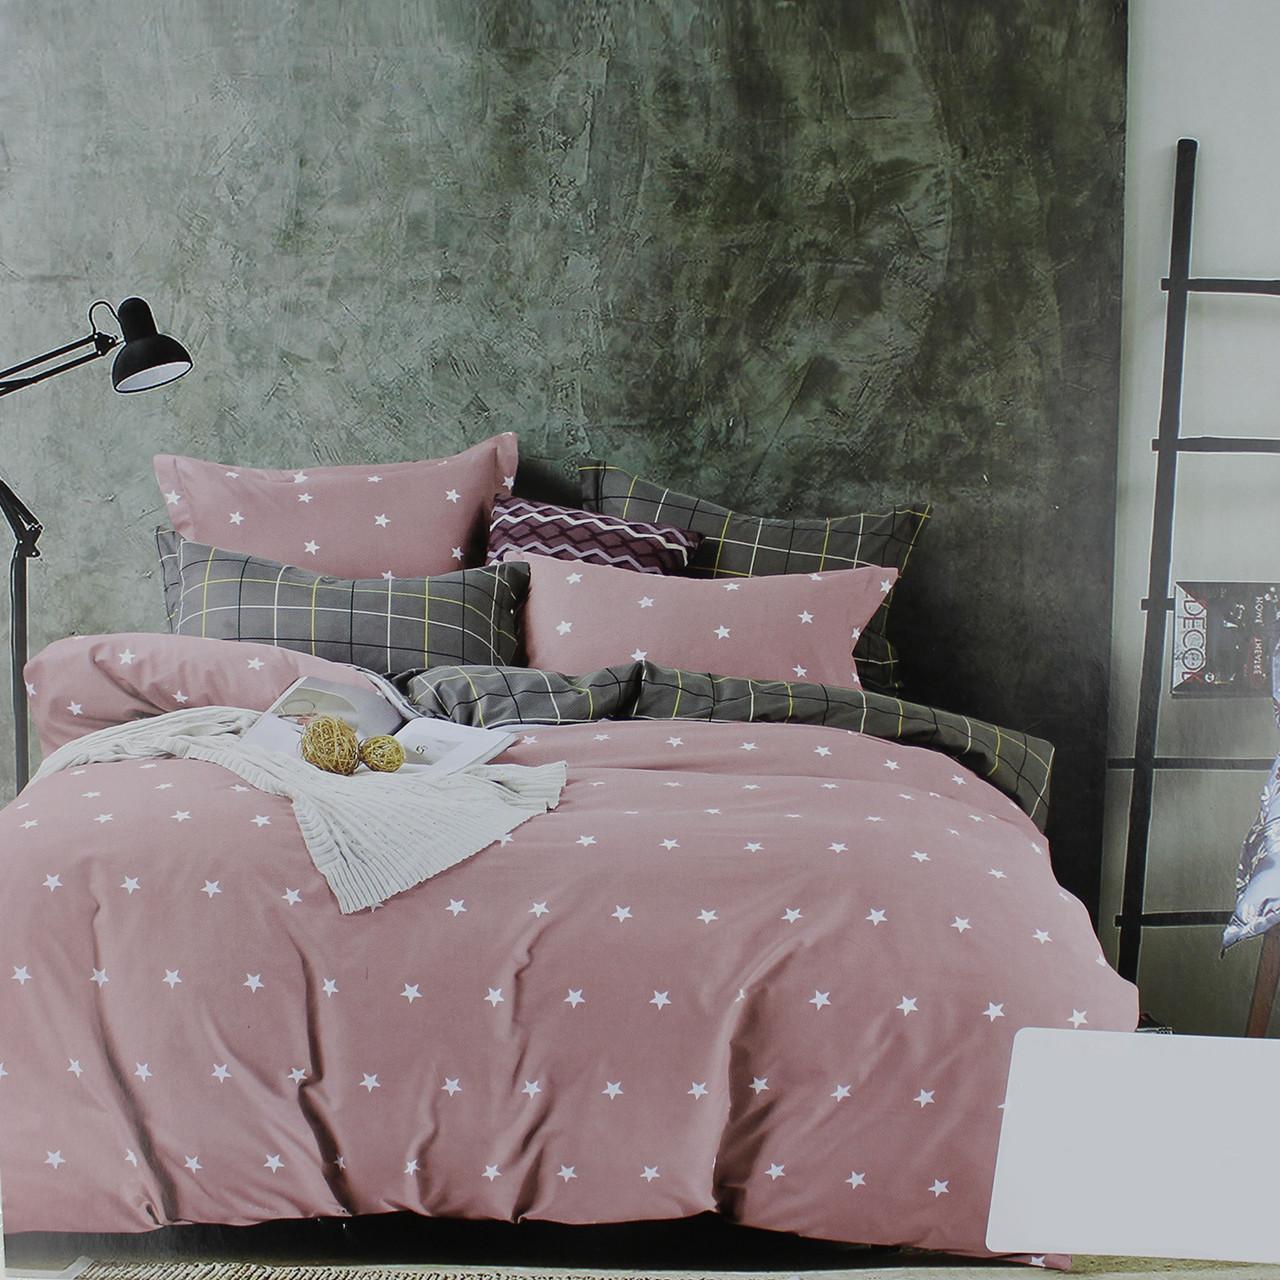 Комплект постельного белья двуспальный сатин розовый Звезды Koloco